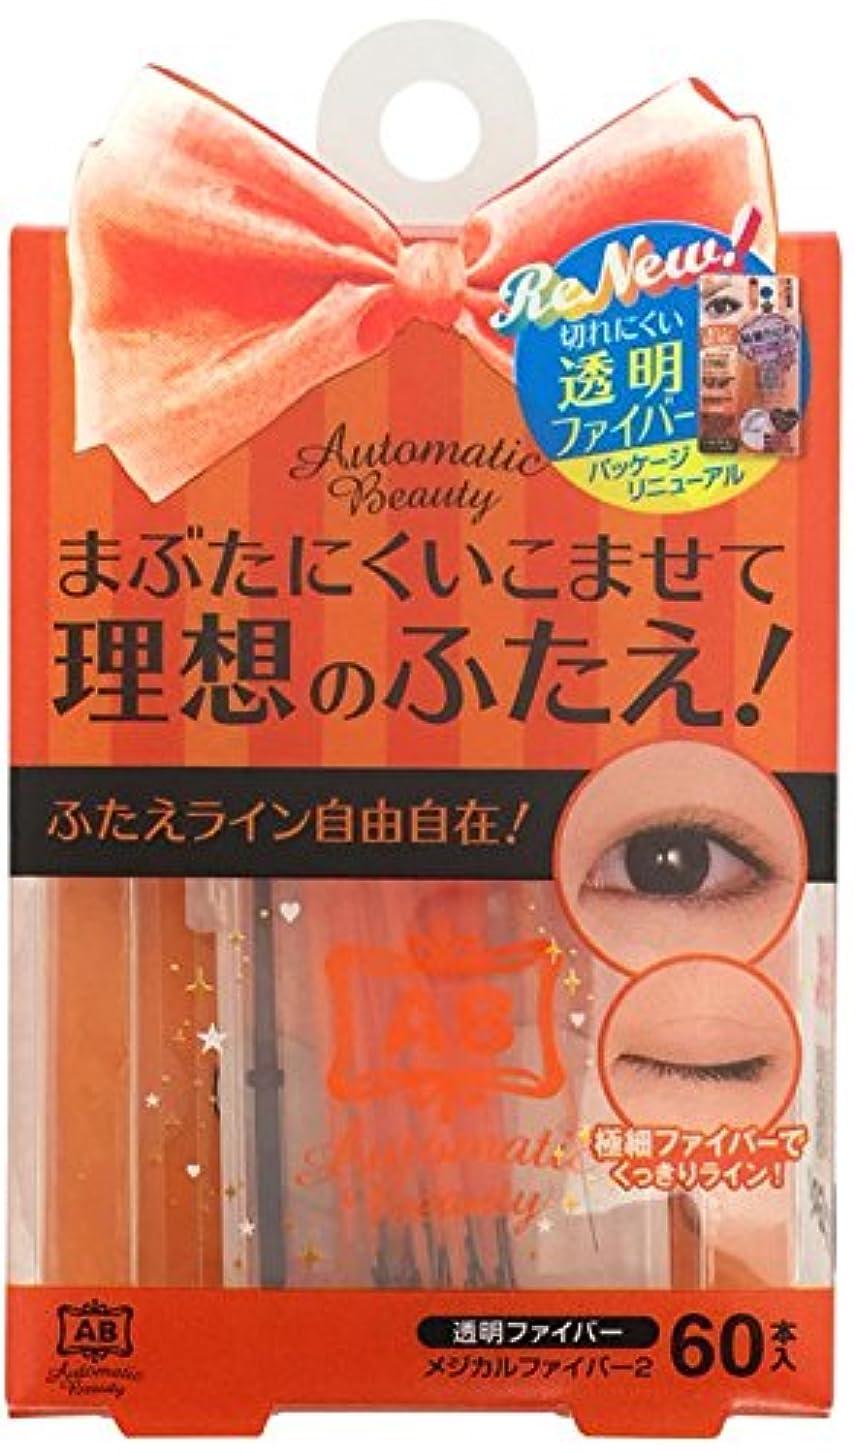 獲物城謝罪Automatic Beauty(オートマティックビューティ) メジカルファイバー 60本